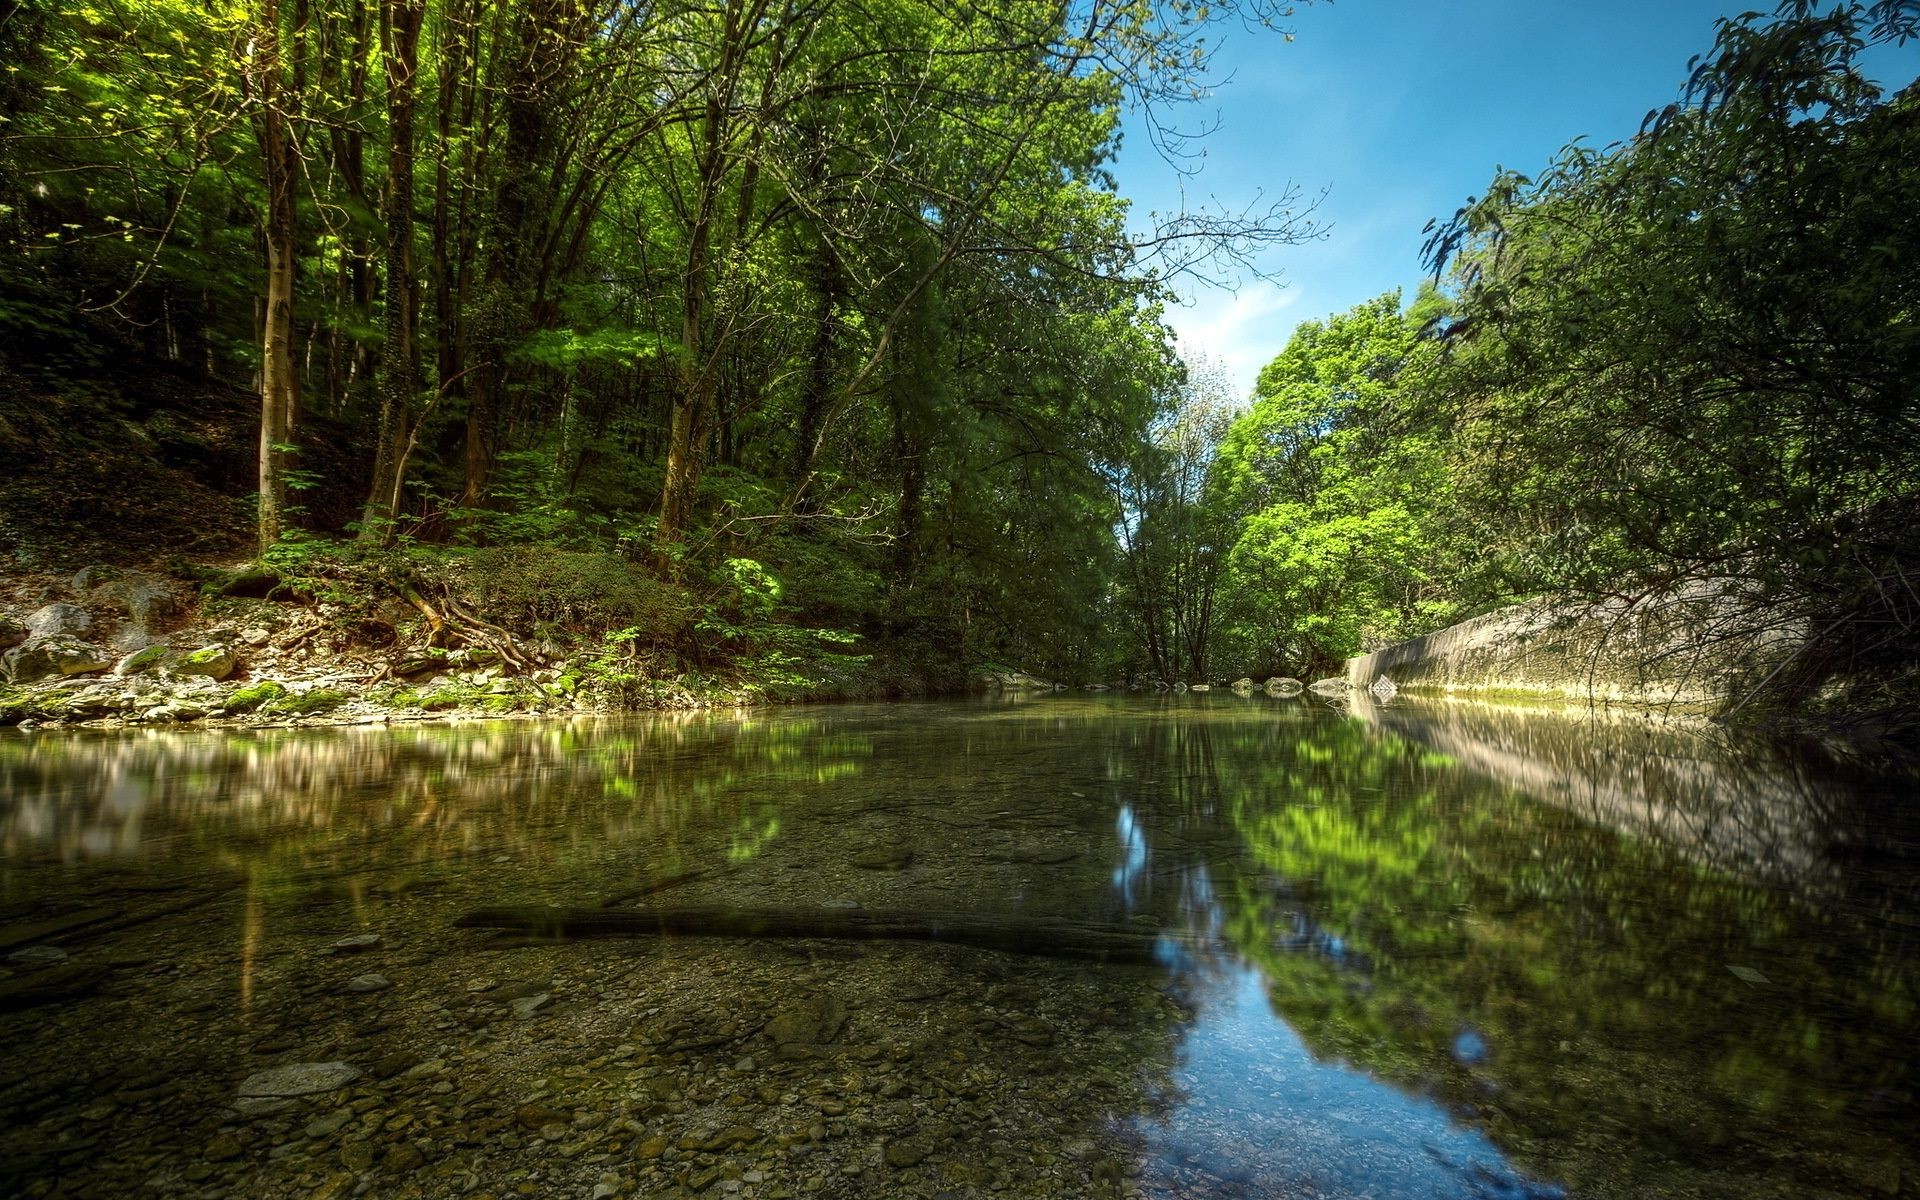 озеро деревья зелень лес лето  № 3246425 загрузить